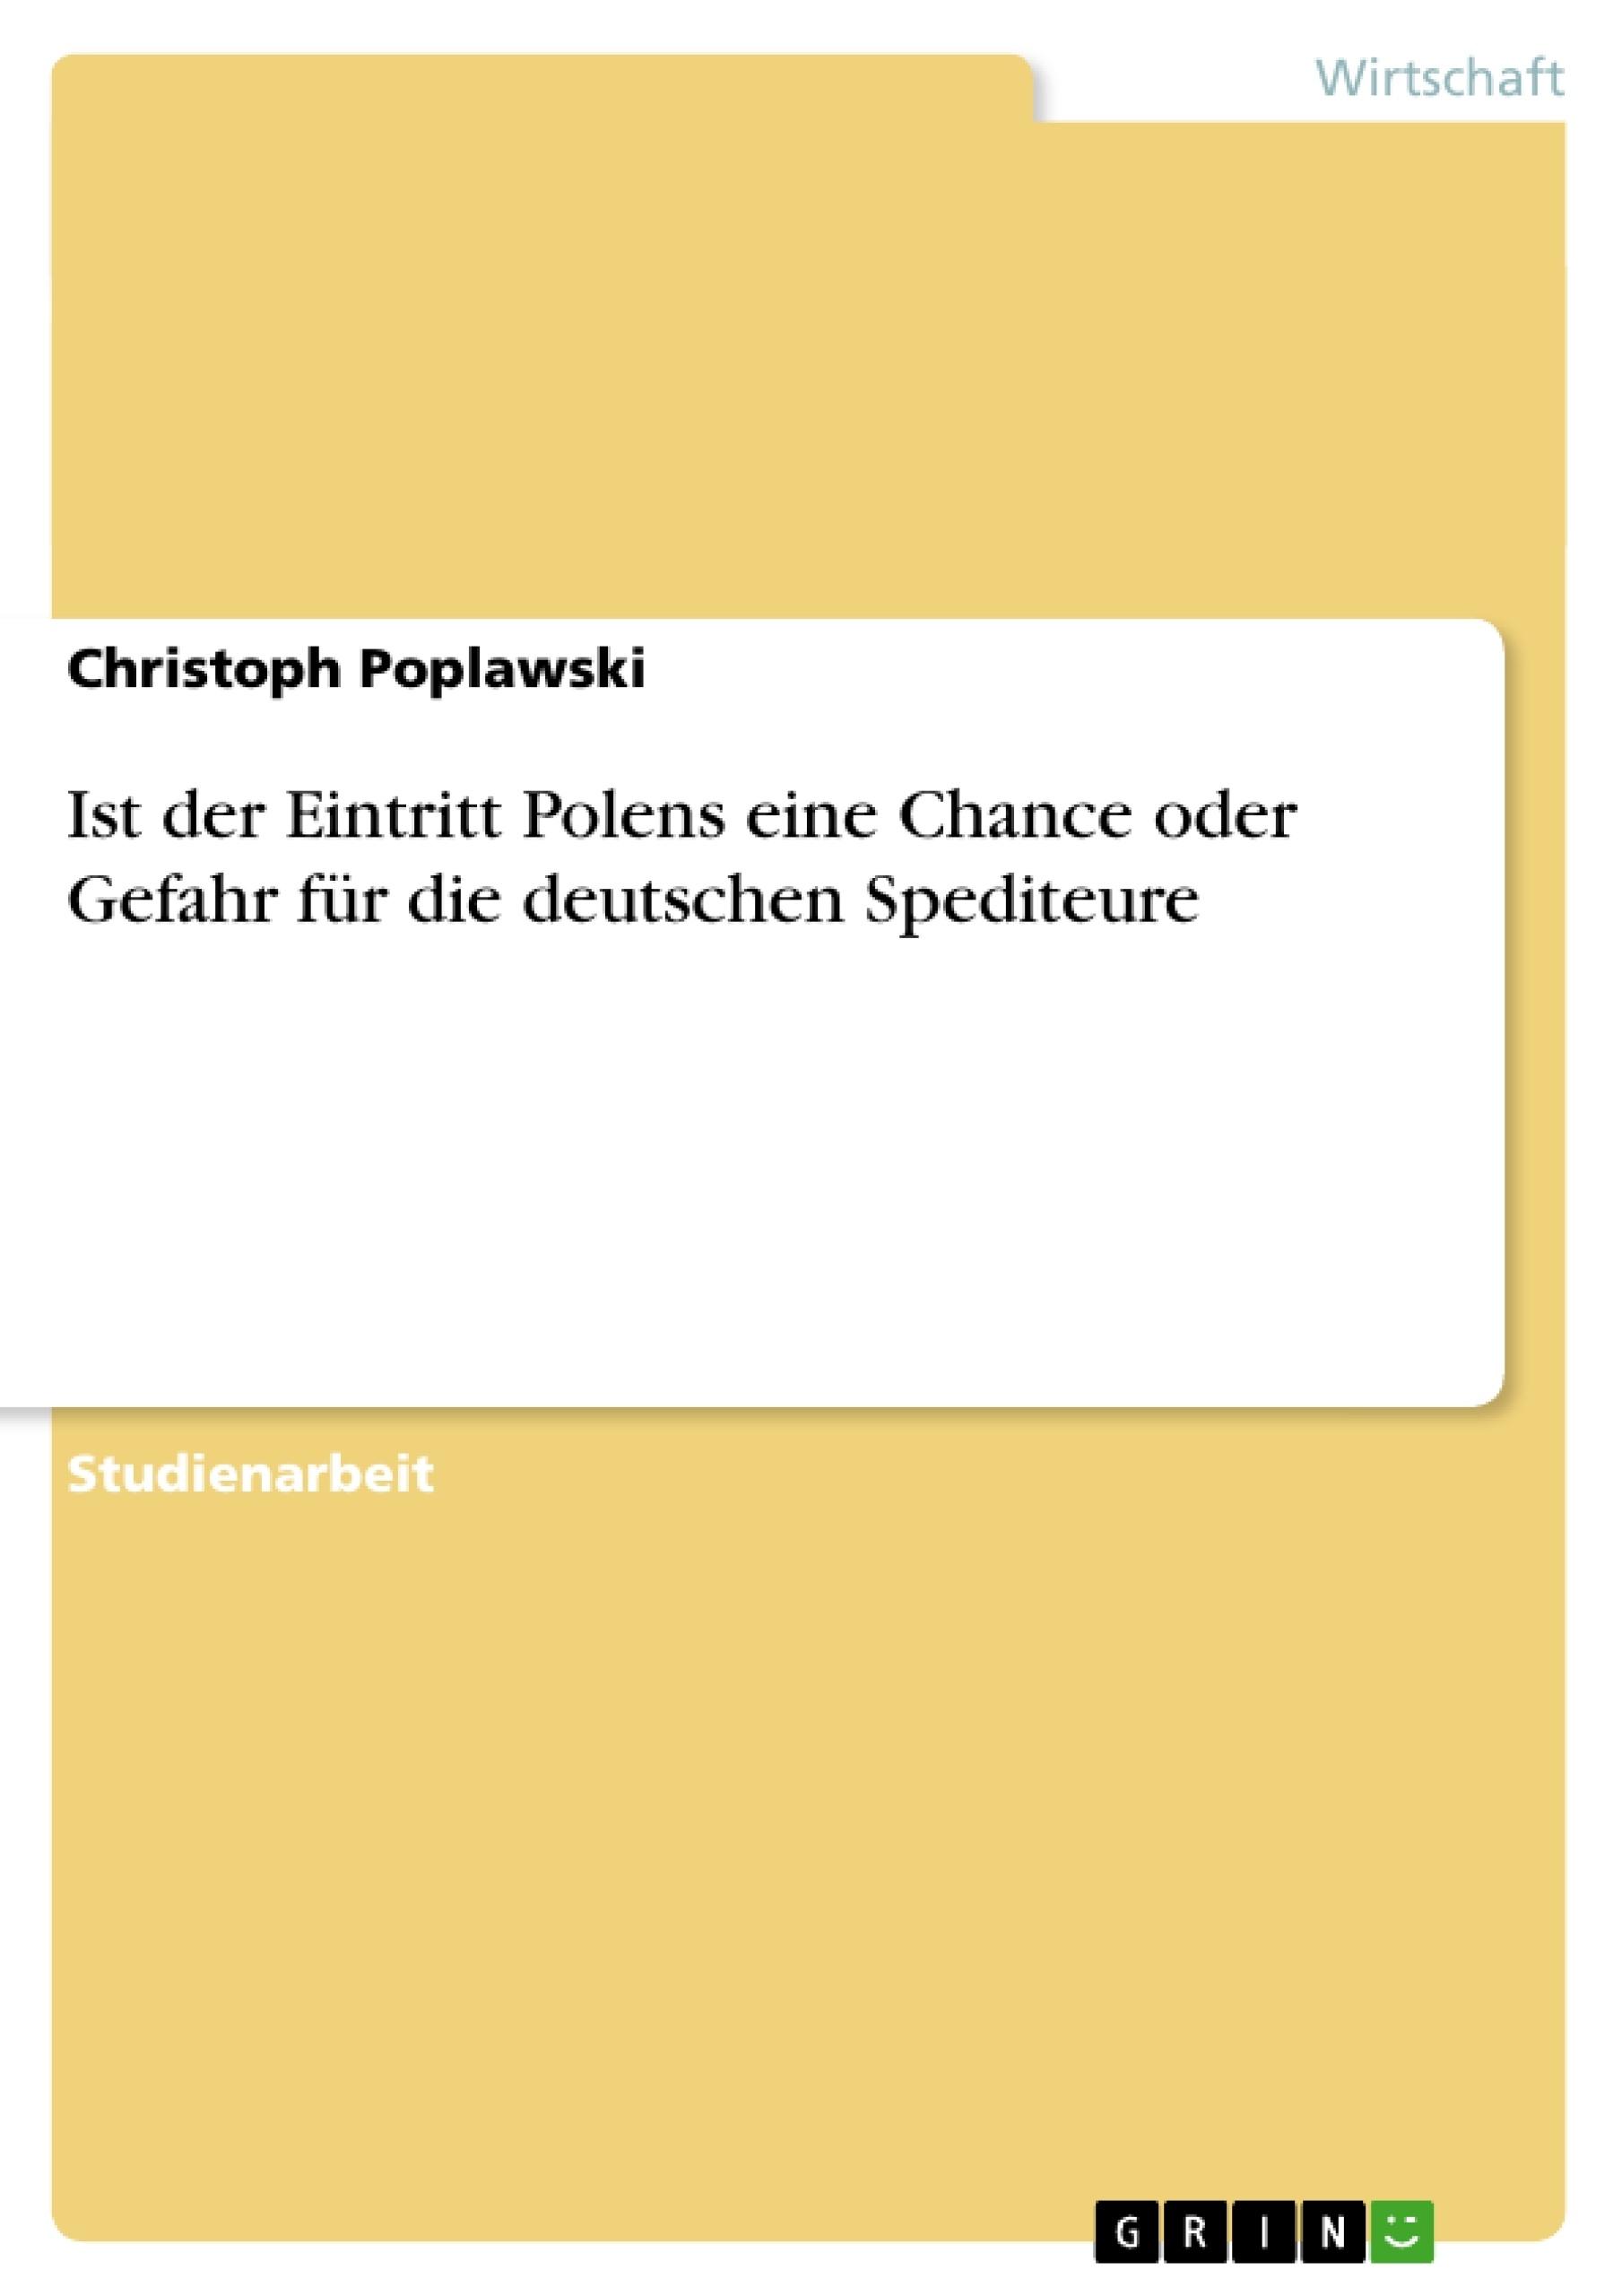 Titel: Ist der Eintritt Polens eine Chance oder Gefahr für die deutschen Spediteure